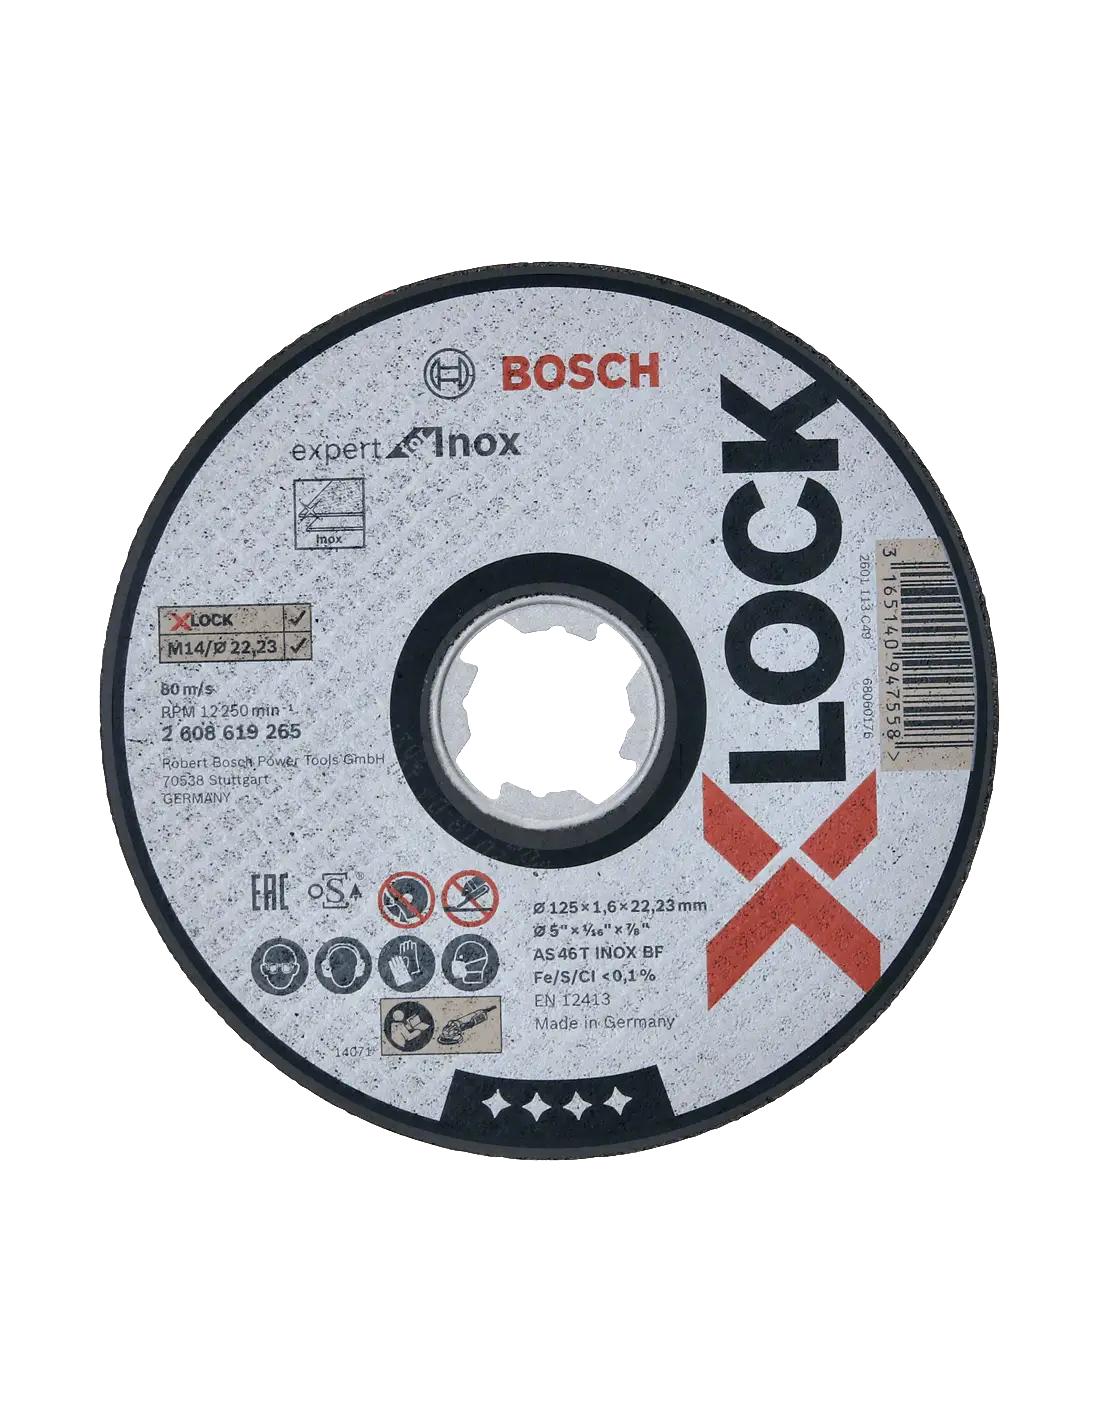 Sélection d'accessoires en promotion - Ex : 25 Disque à tronçonner droits Bosch X-Lock Inox 125x1.6x22.23 mm (ifd-outillage.fr)